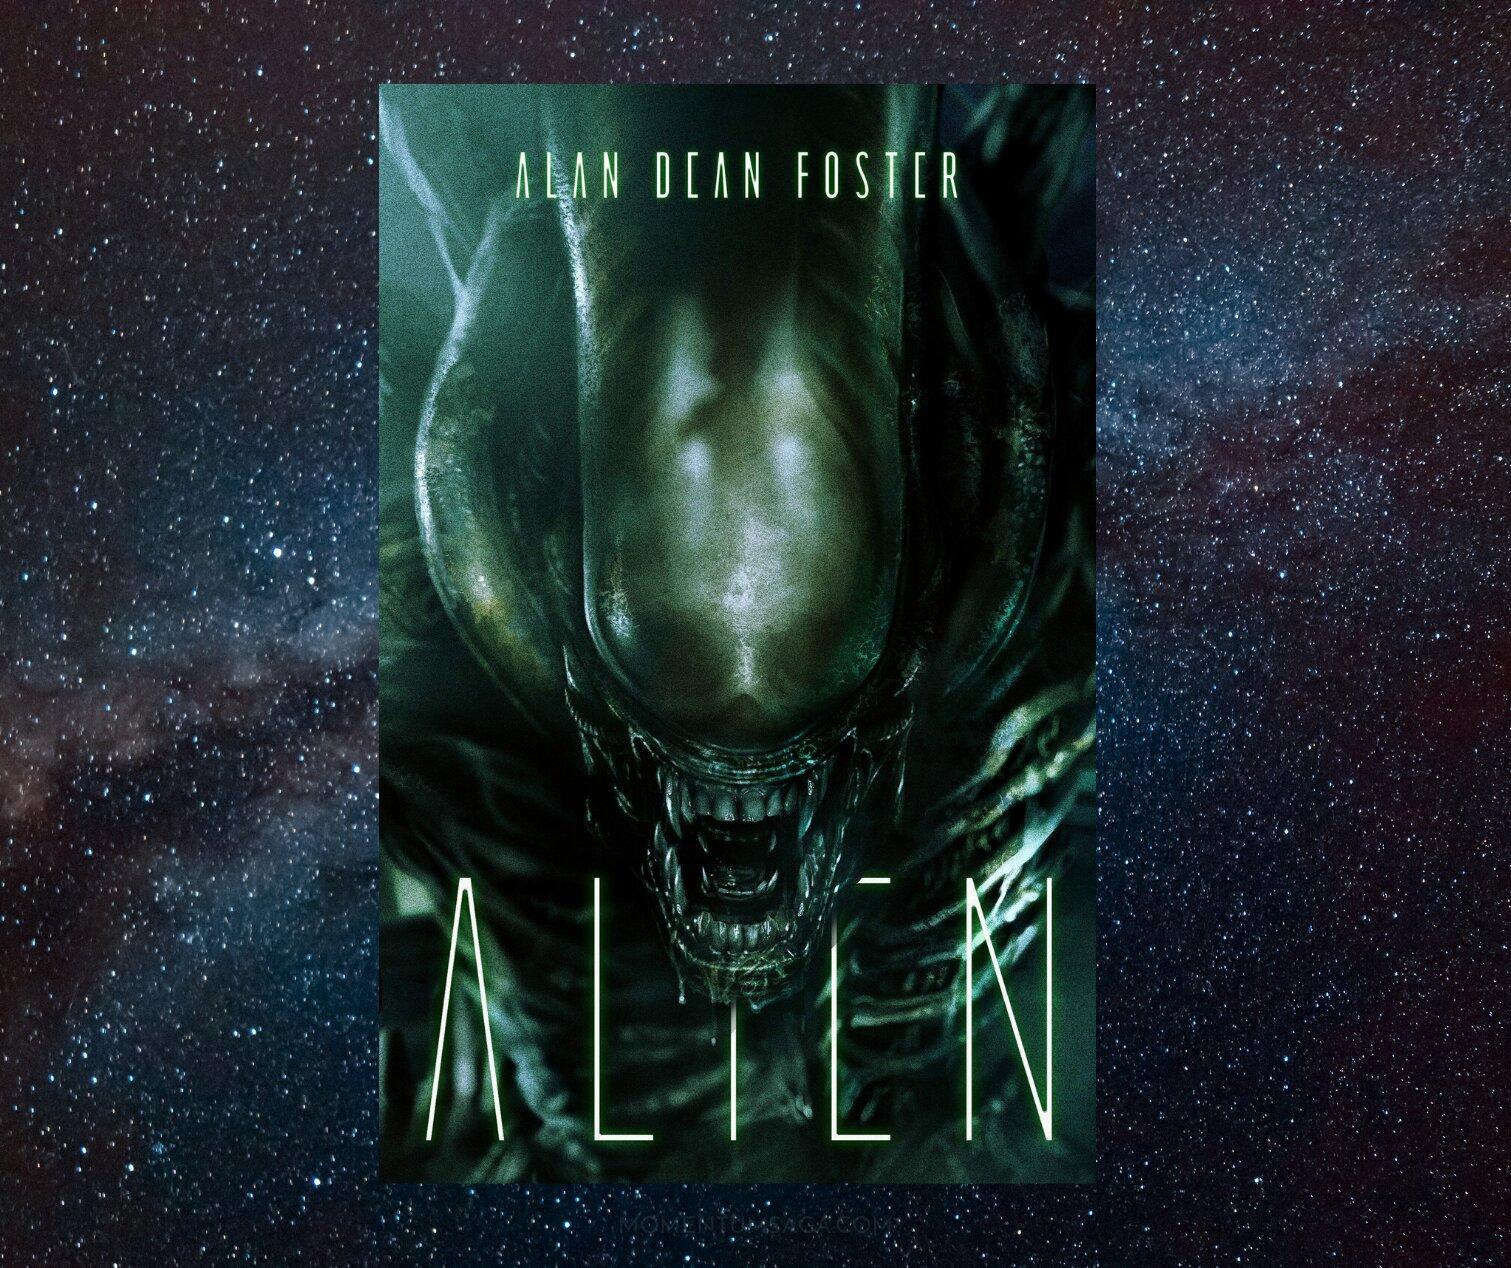 Resenha: Alien, de Alan Dean Foster